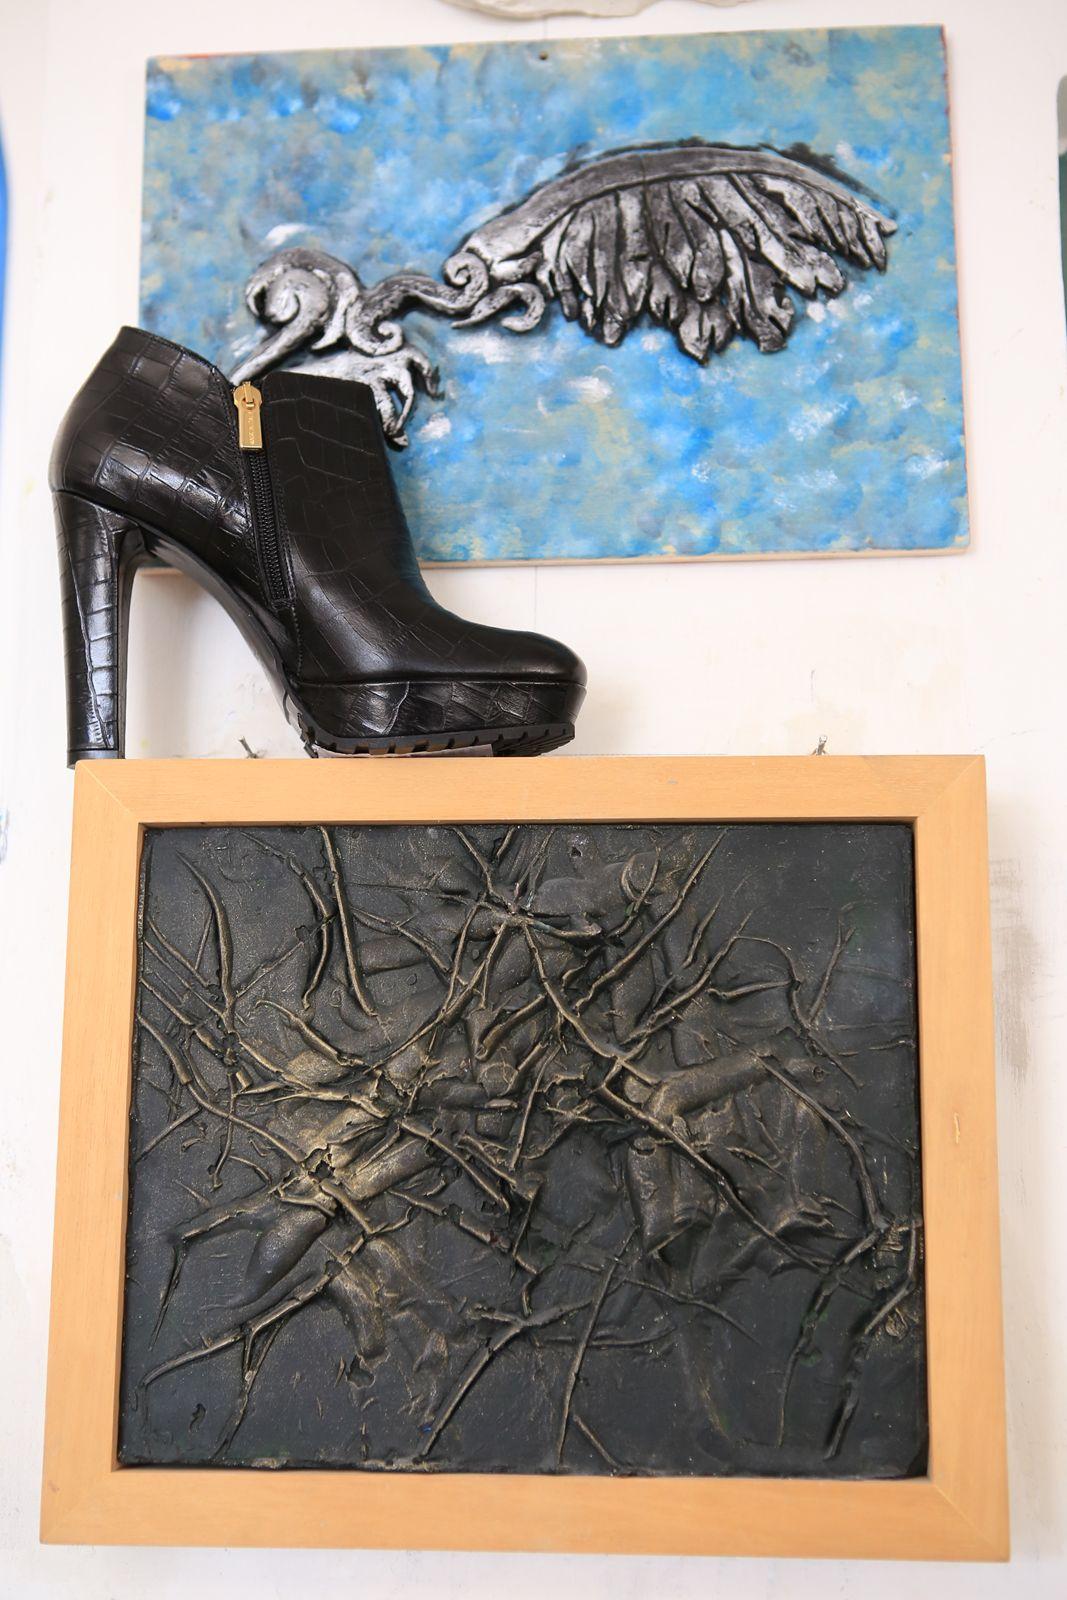 ART. 1357